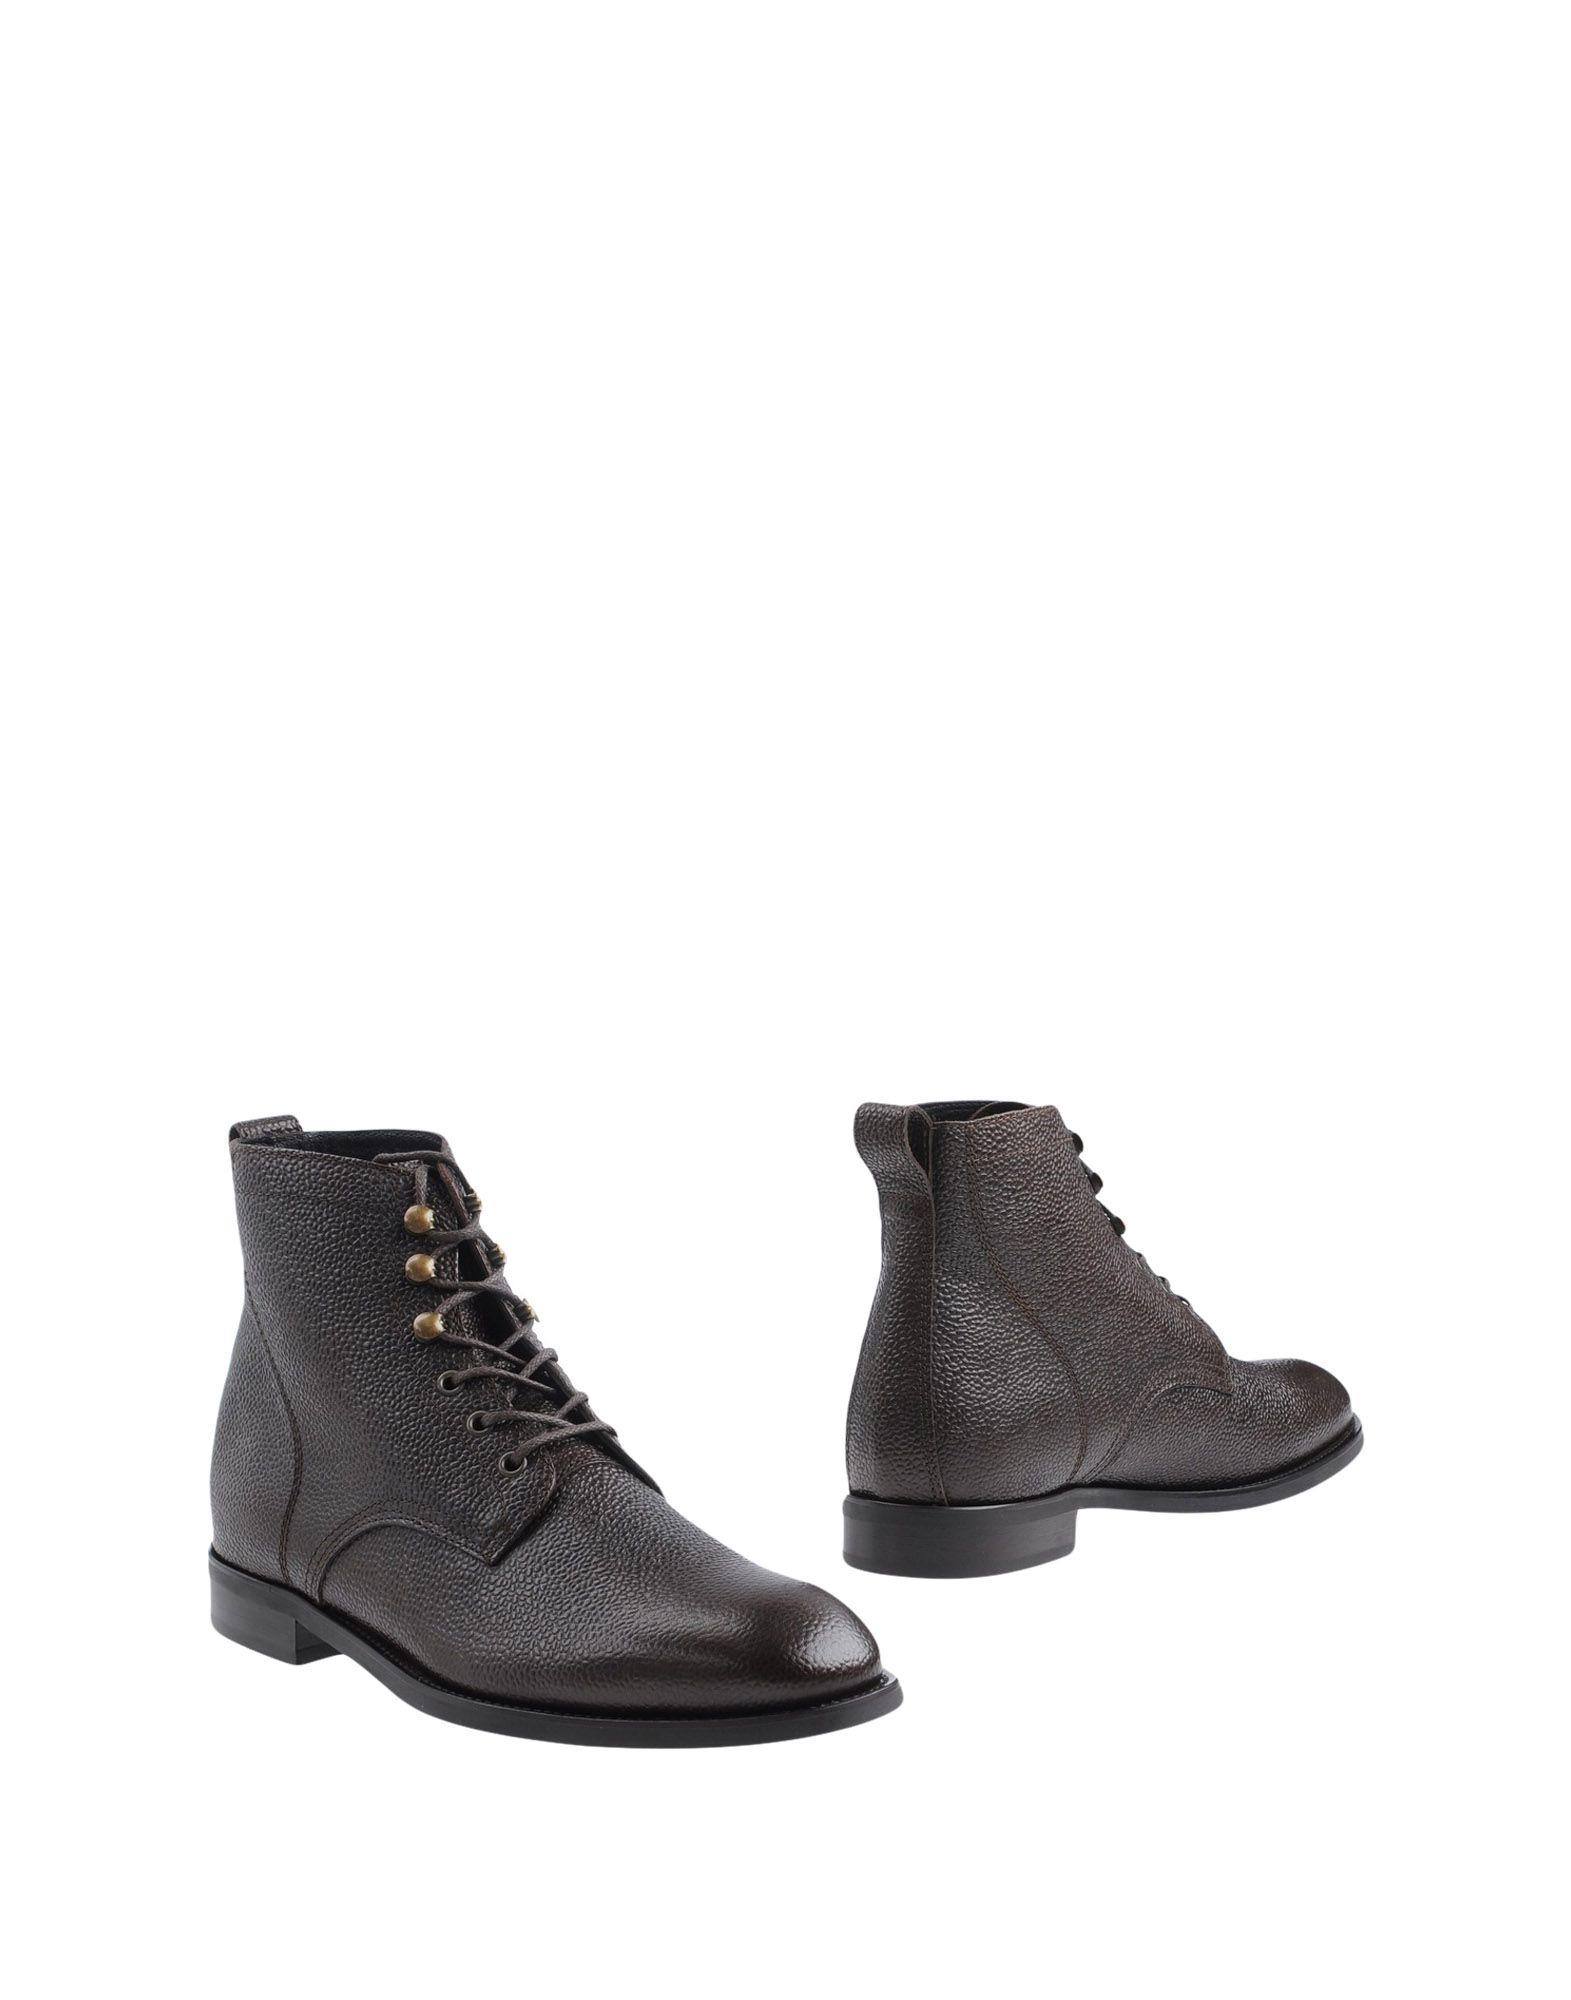 где купить  J. LINDEBERG Полусапоги и высокие ботинки  по лучшей цене